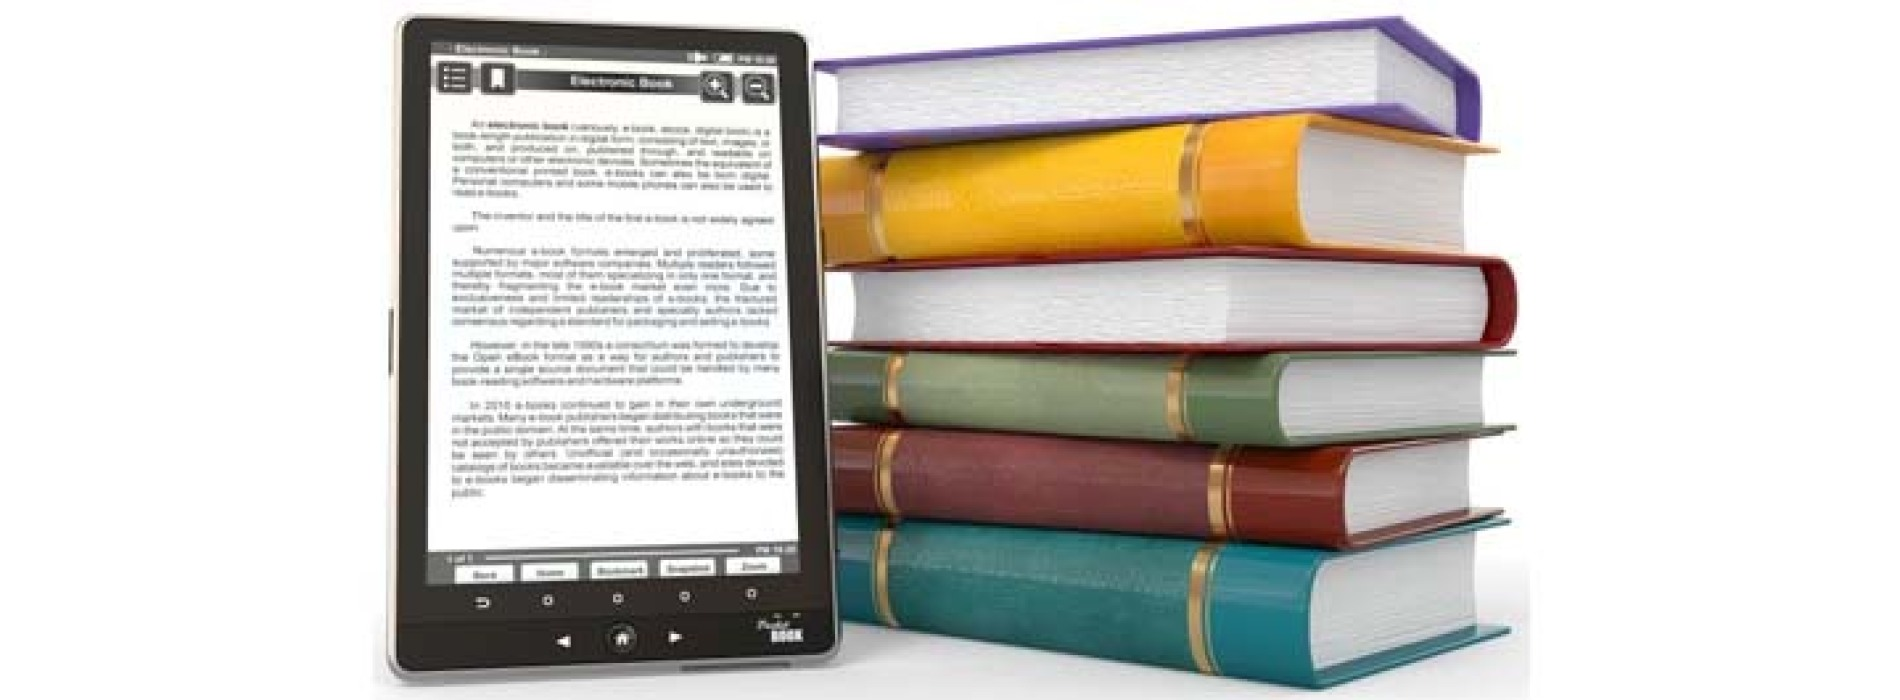 Ремонт электронных книг. Все виды ремонта